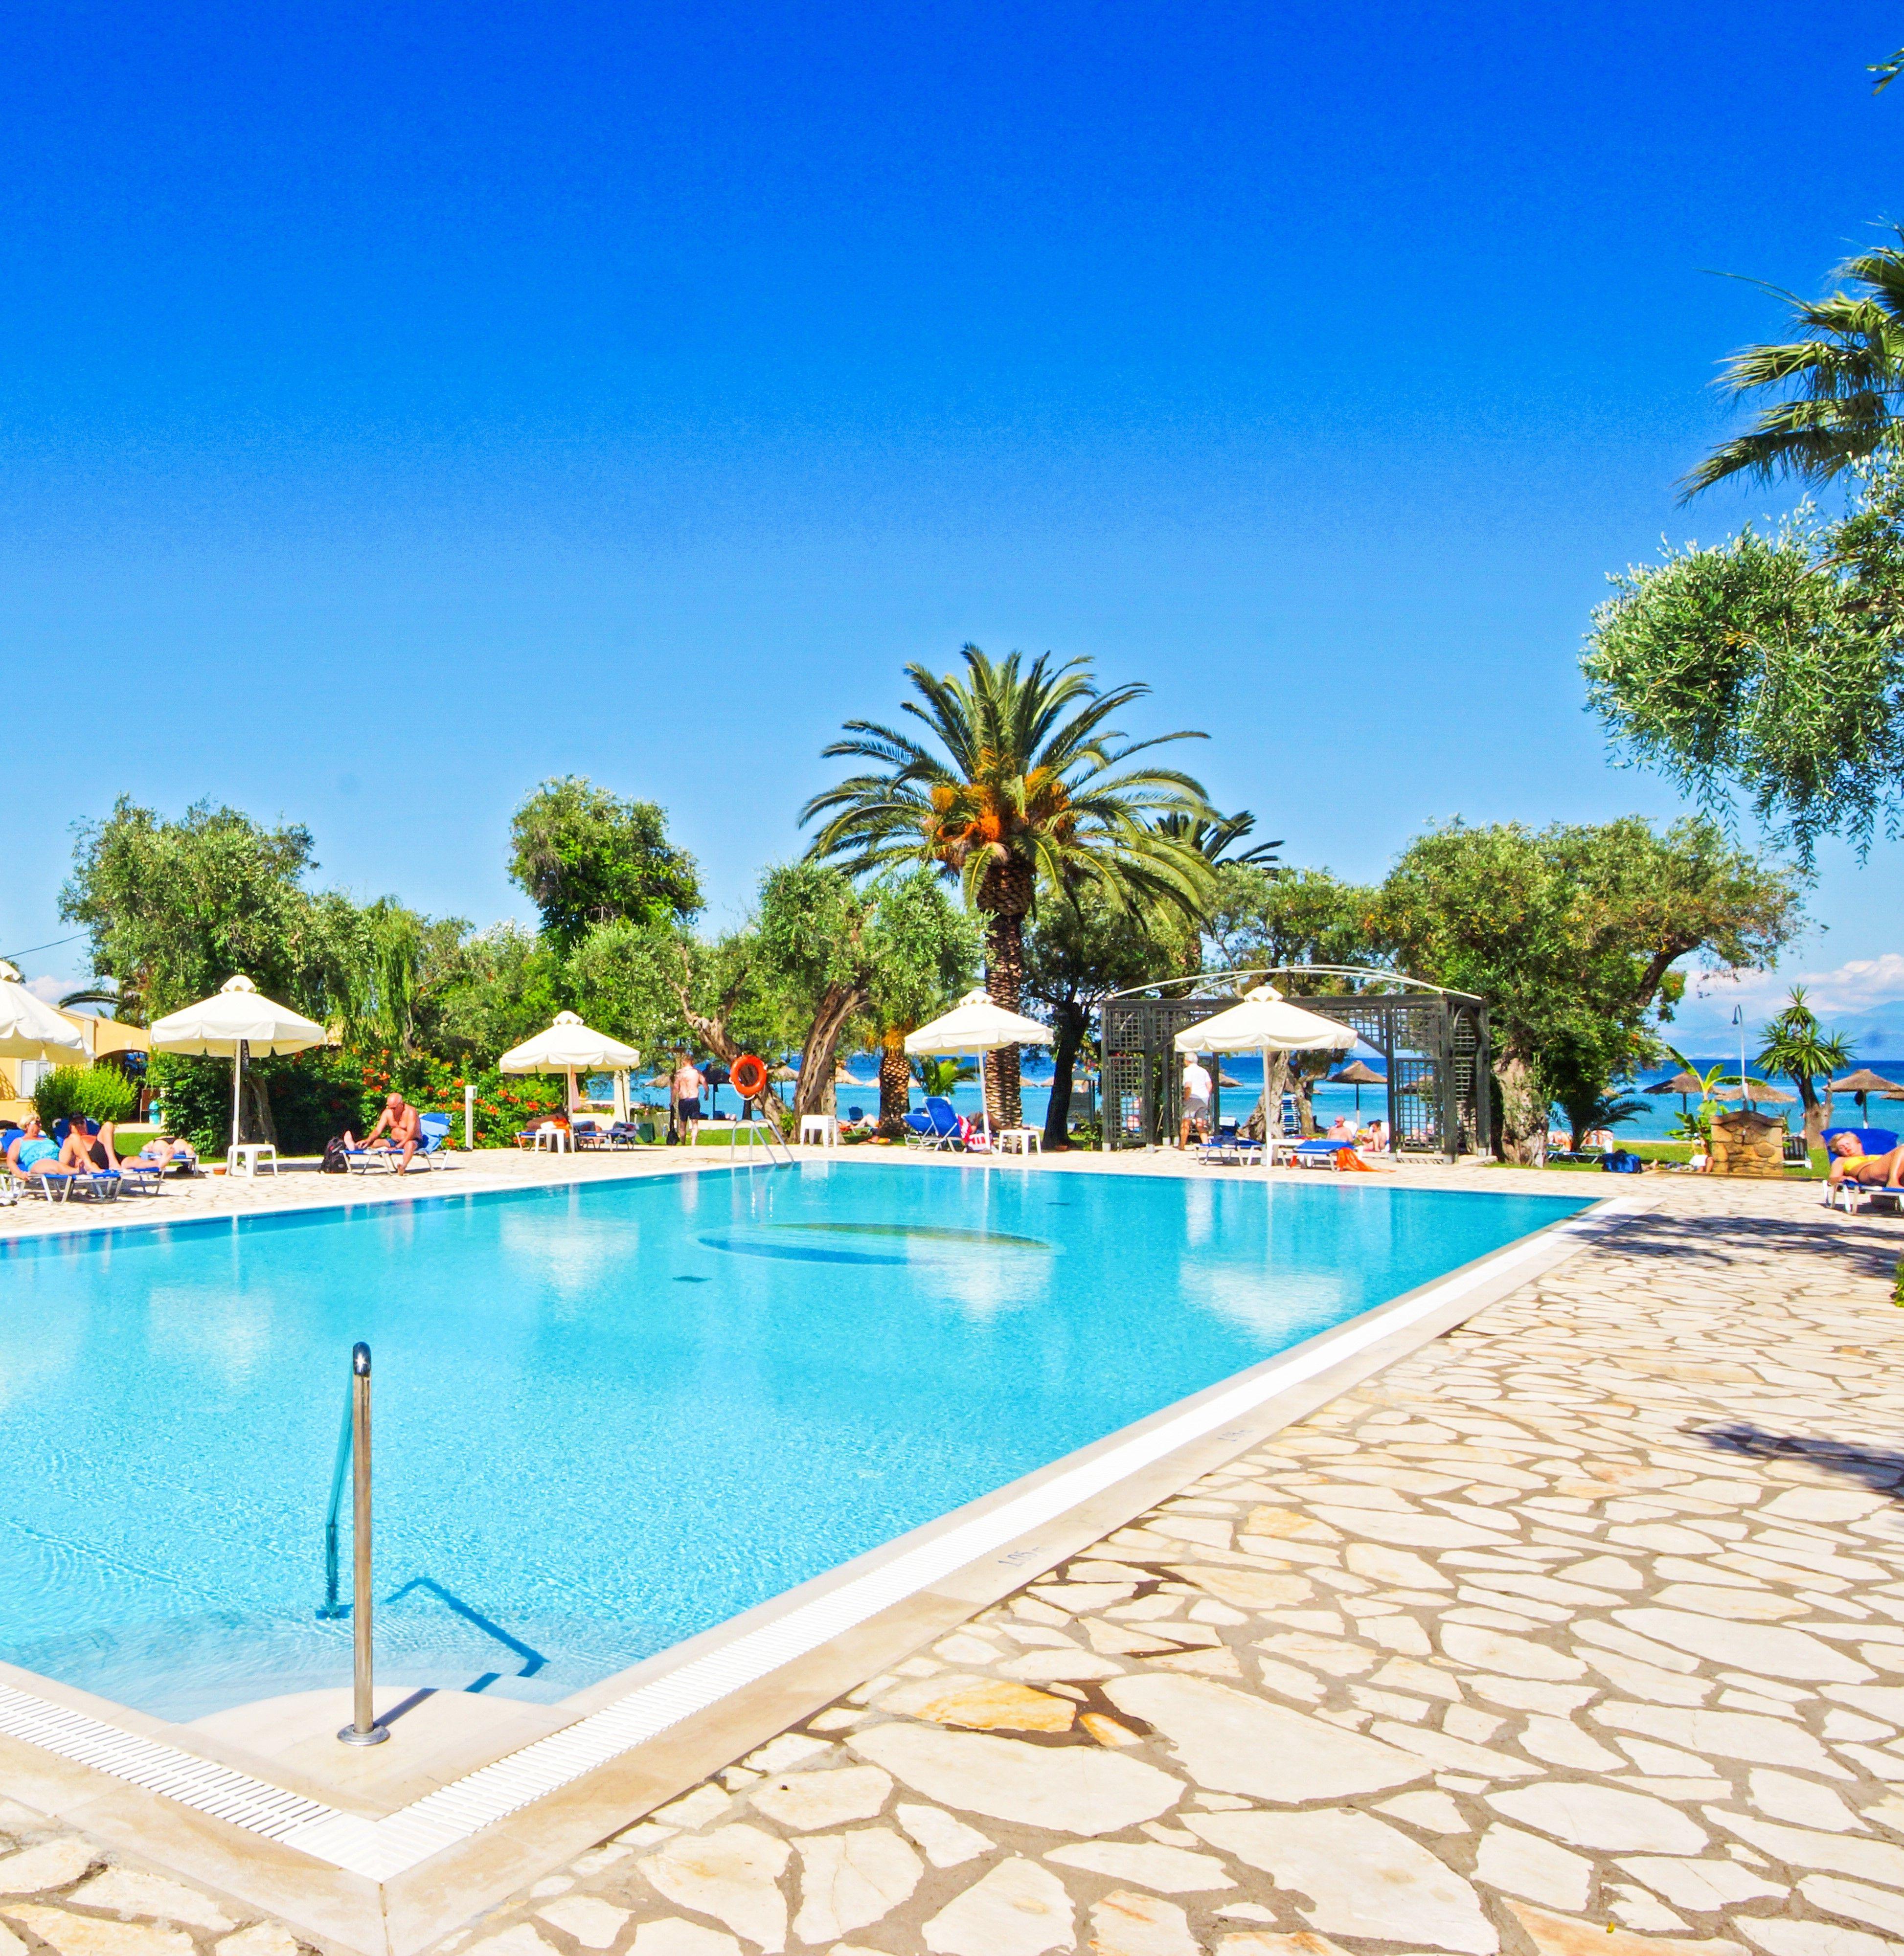 Griechenland Urlaub In Griechenland Urlaub Auf Korfu Delfinia Hotel